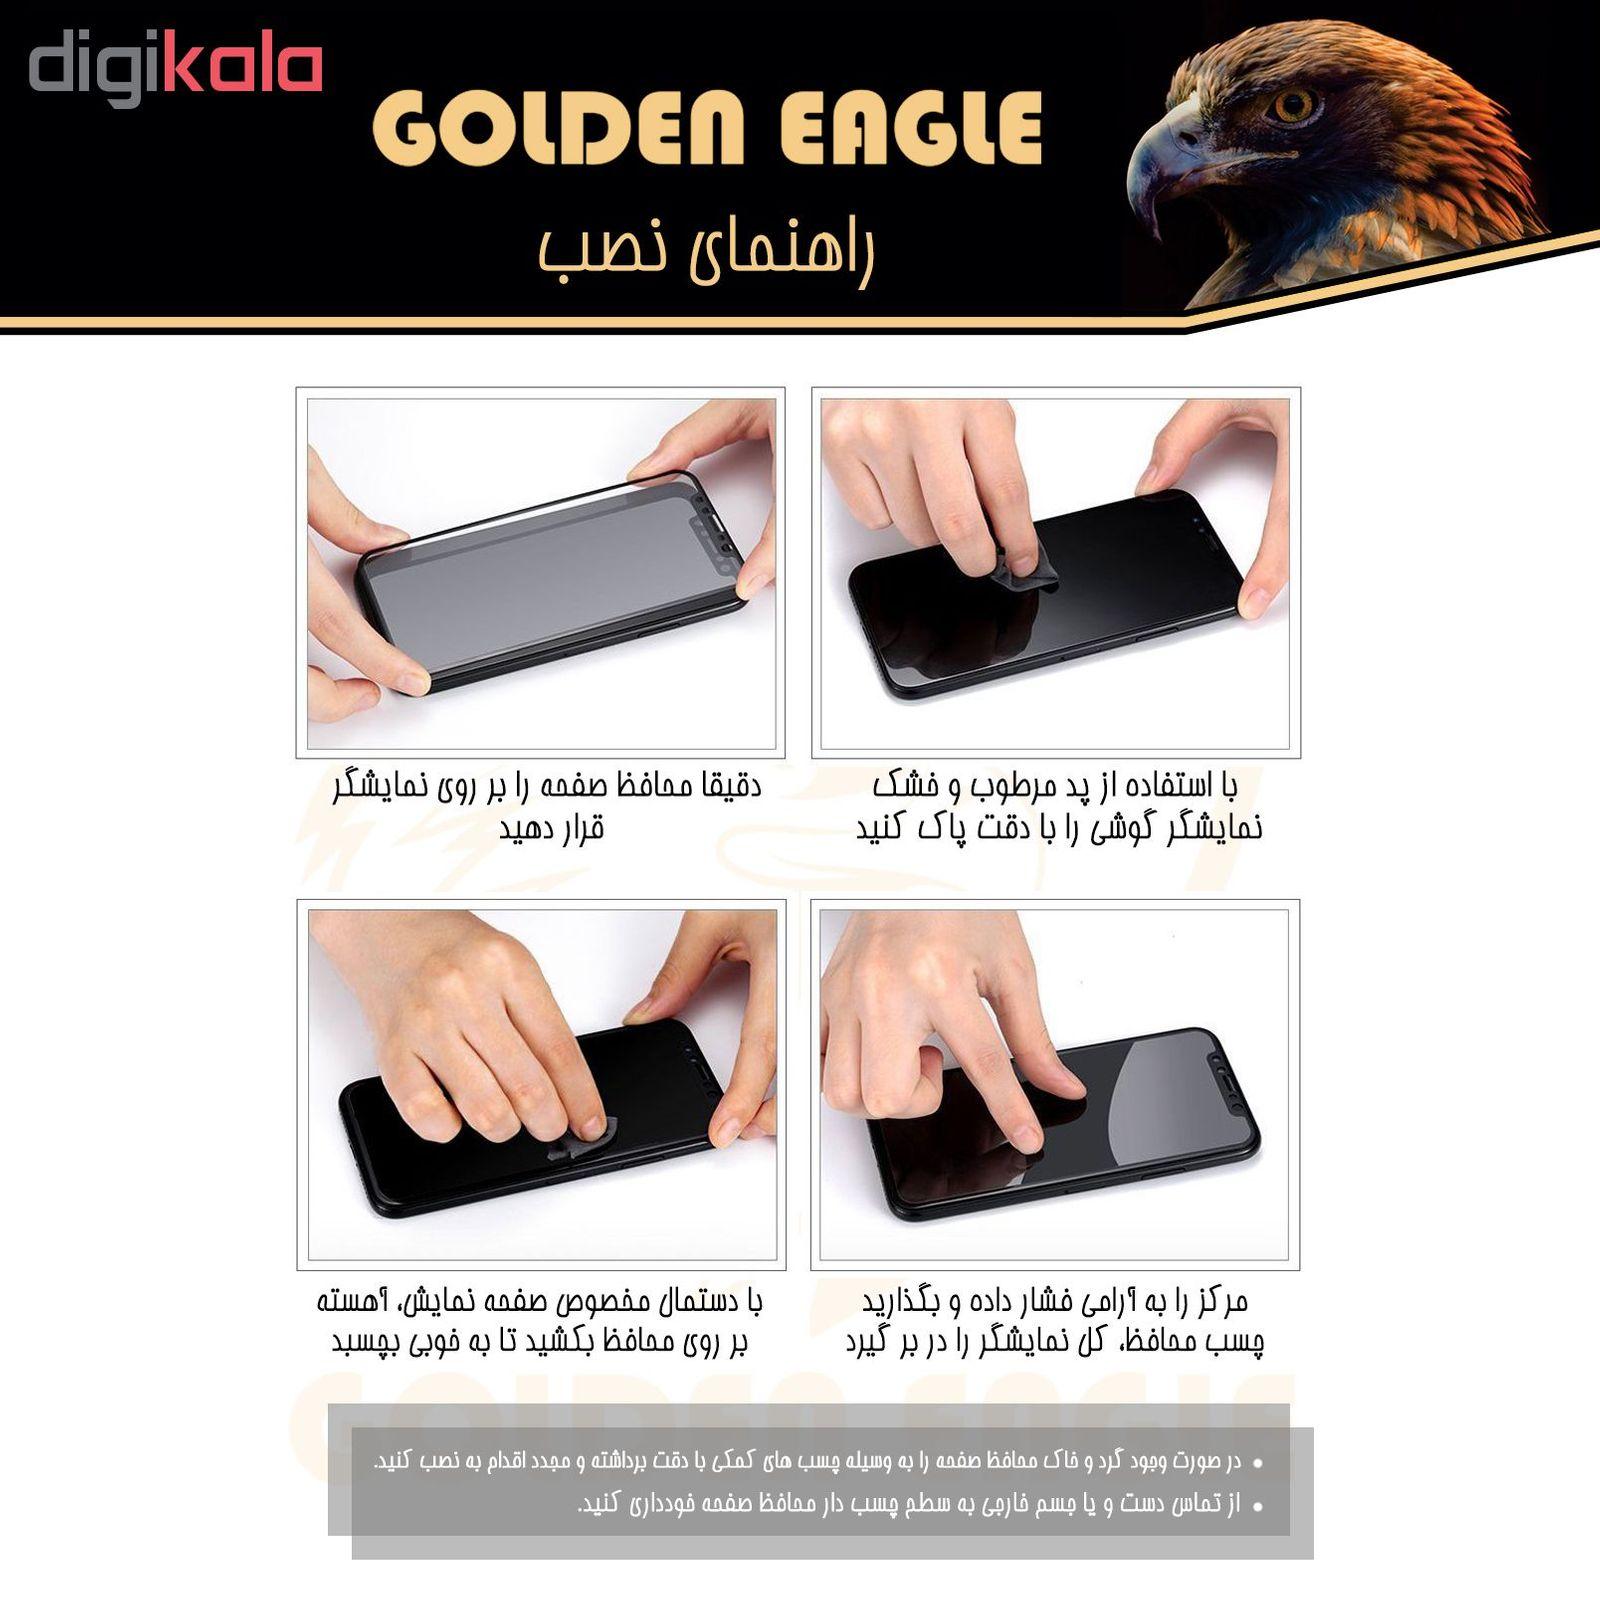 محافظ صفحه نمایش گلدن ایگل مدل DFC-X2 مناسب برای گوشی موبایل سامسونگ Galaxy A7 2017 بسته دو عددی main 1 5